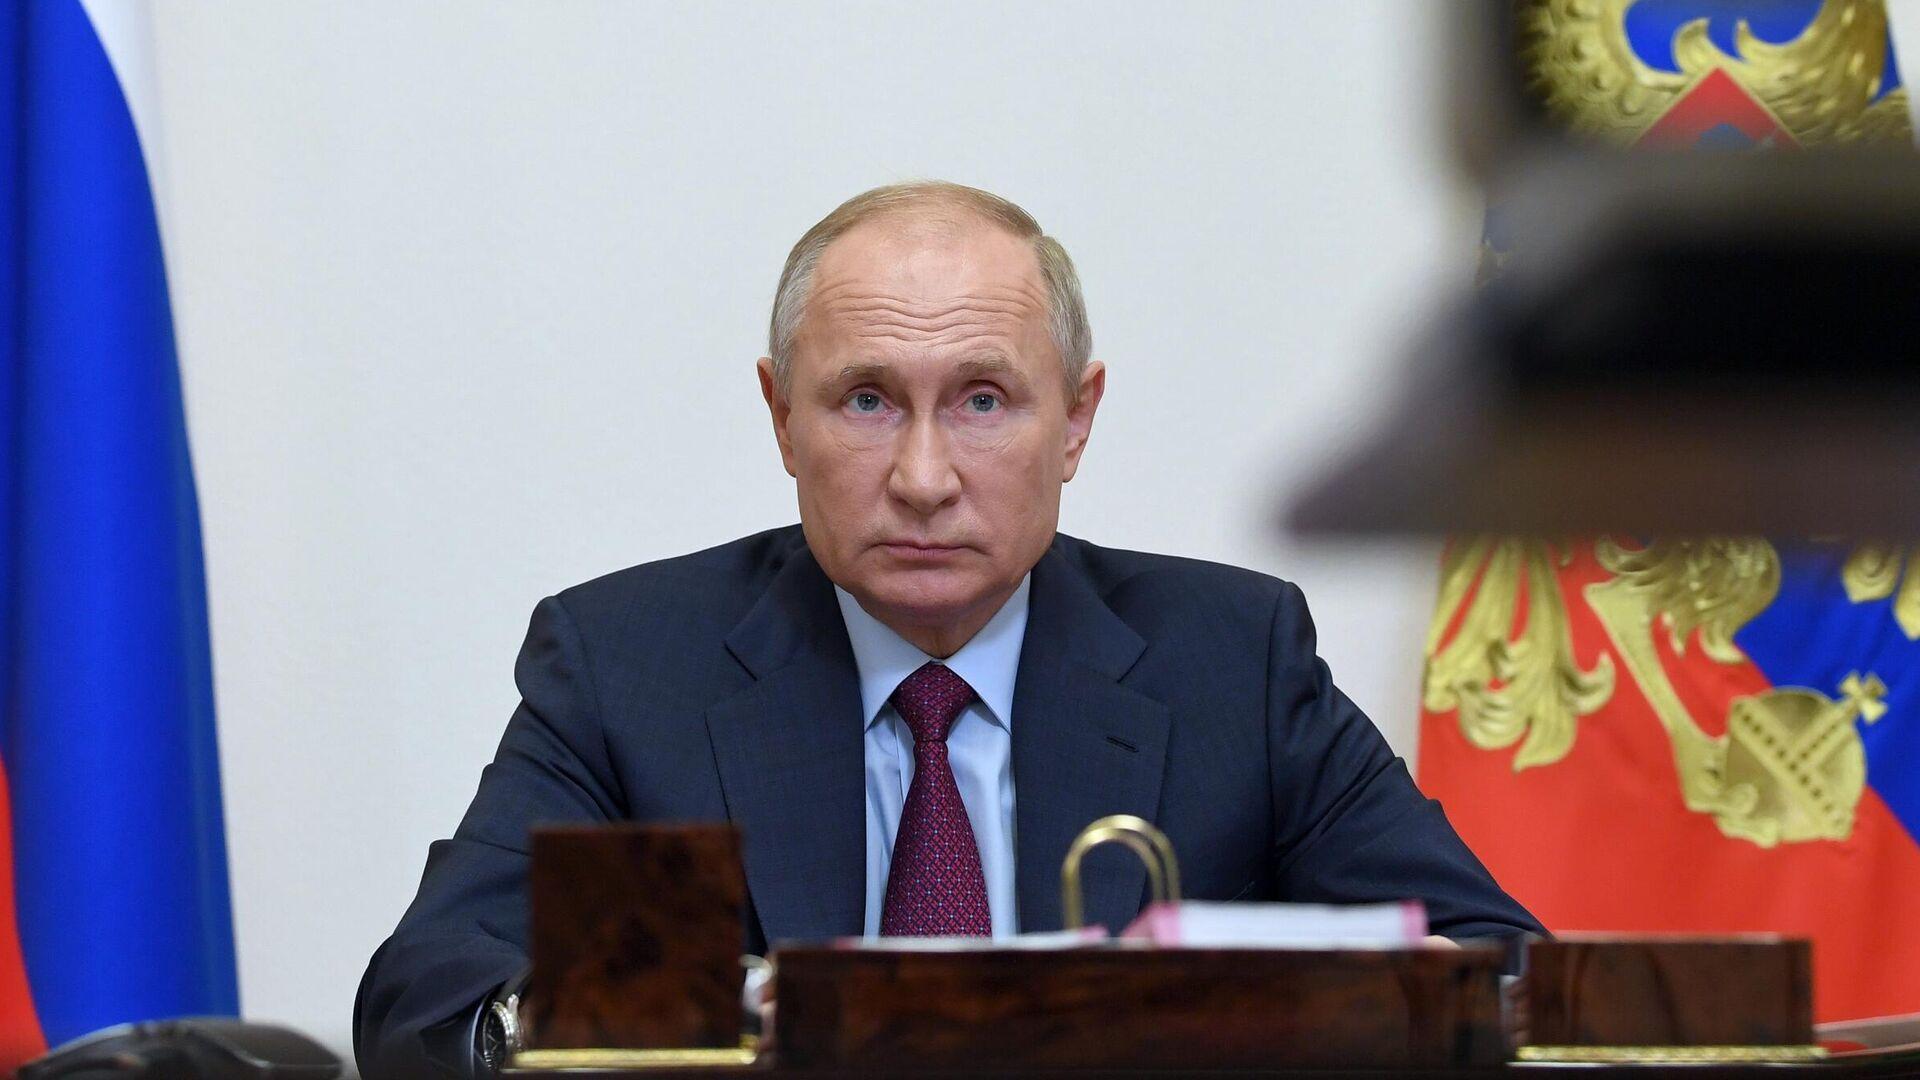 Президент РФ Владимир Путин проводит совещание с членами правительства РФ - РИА Новости, 1920, 26.11.2020